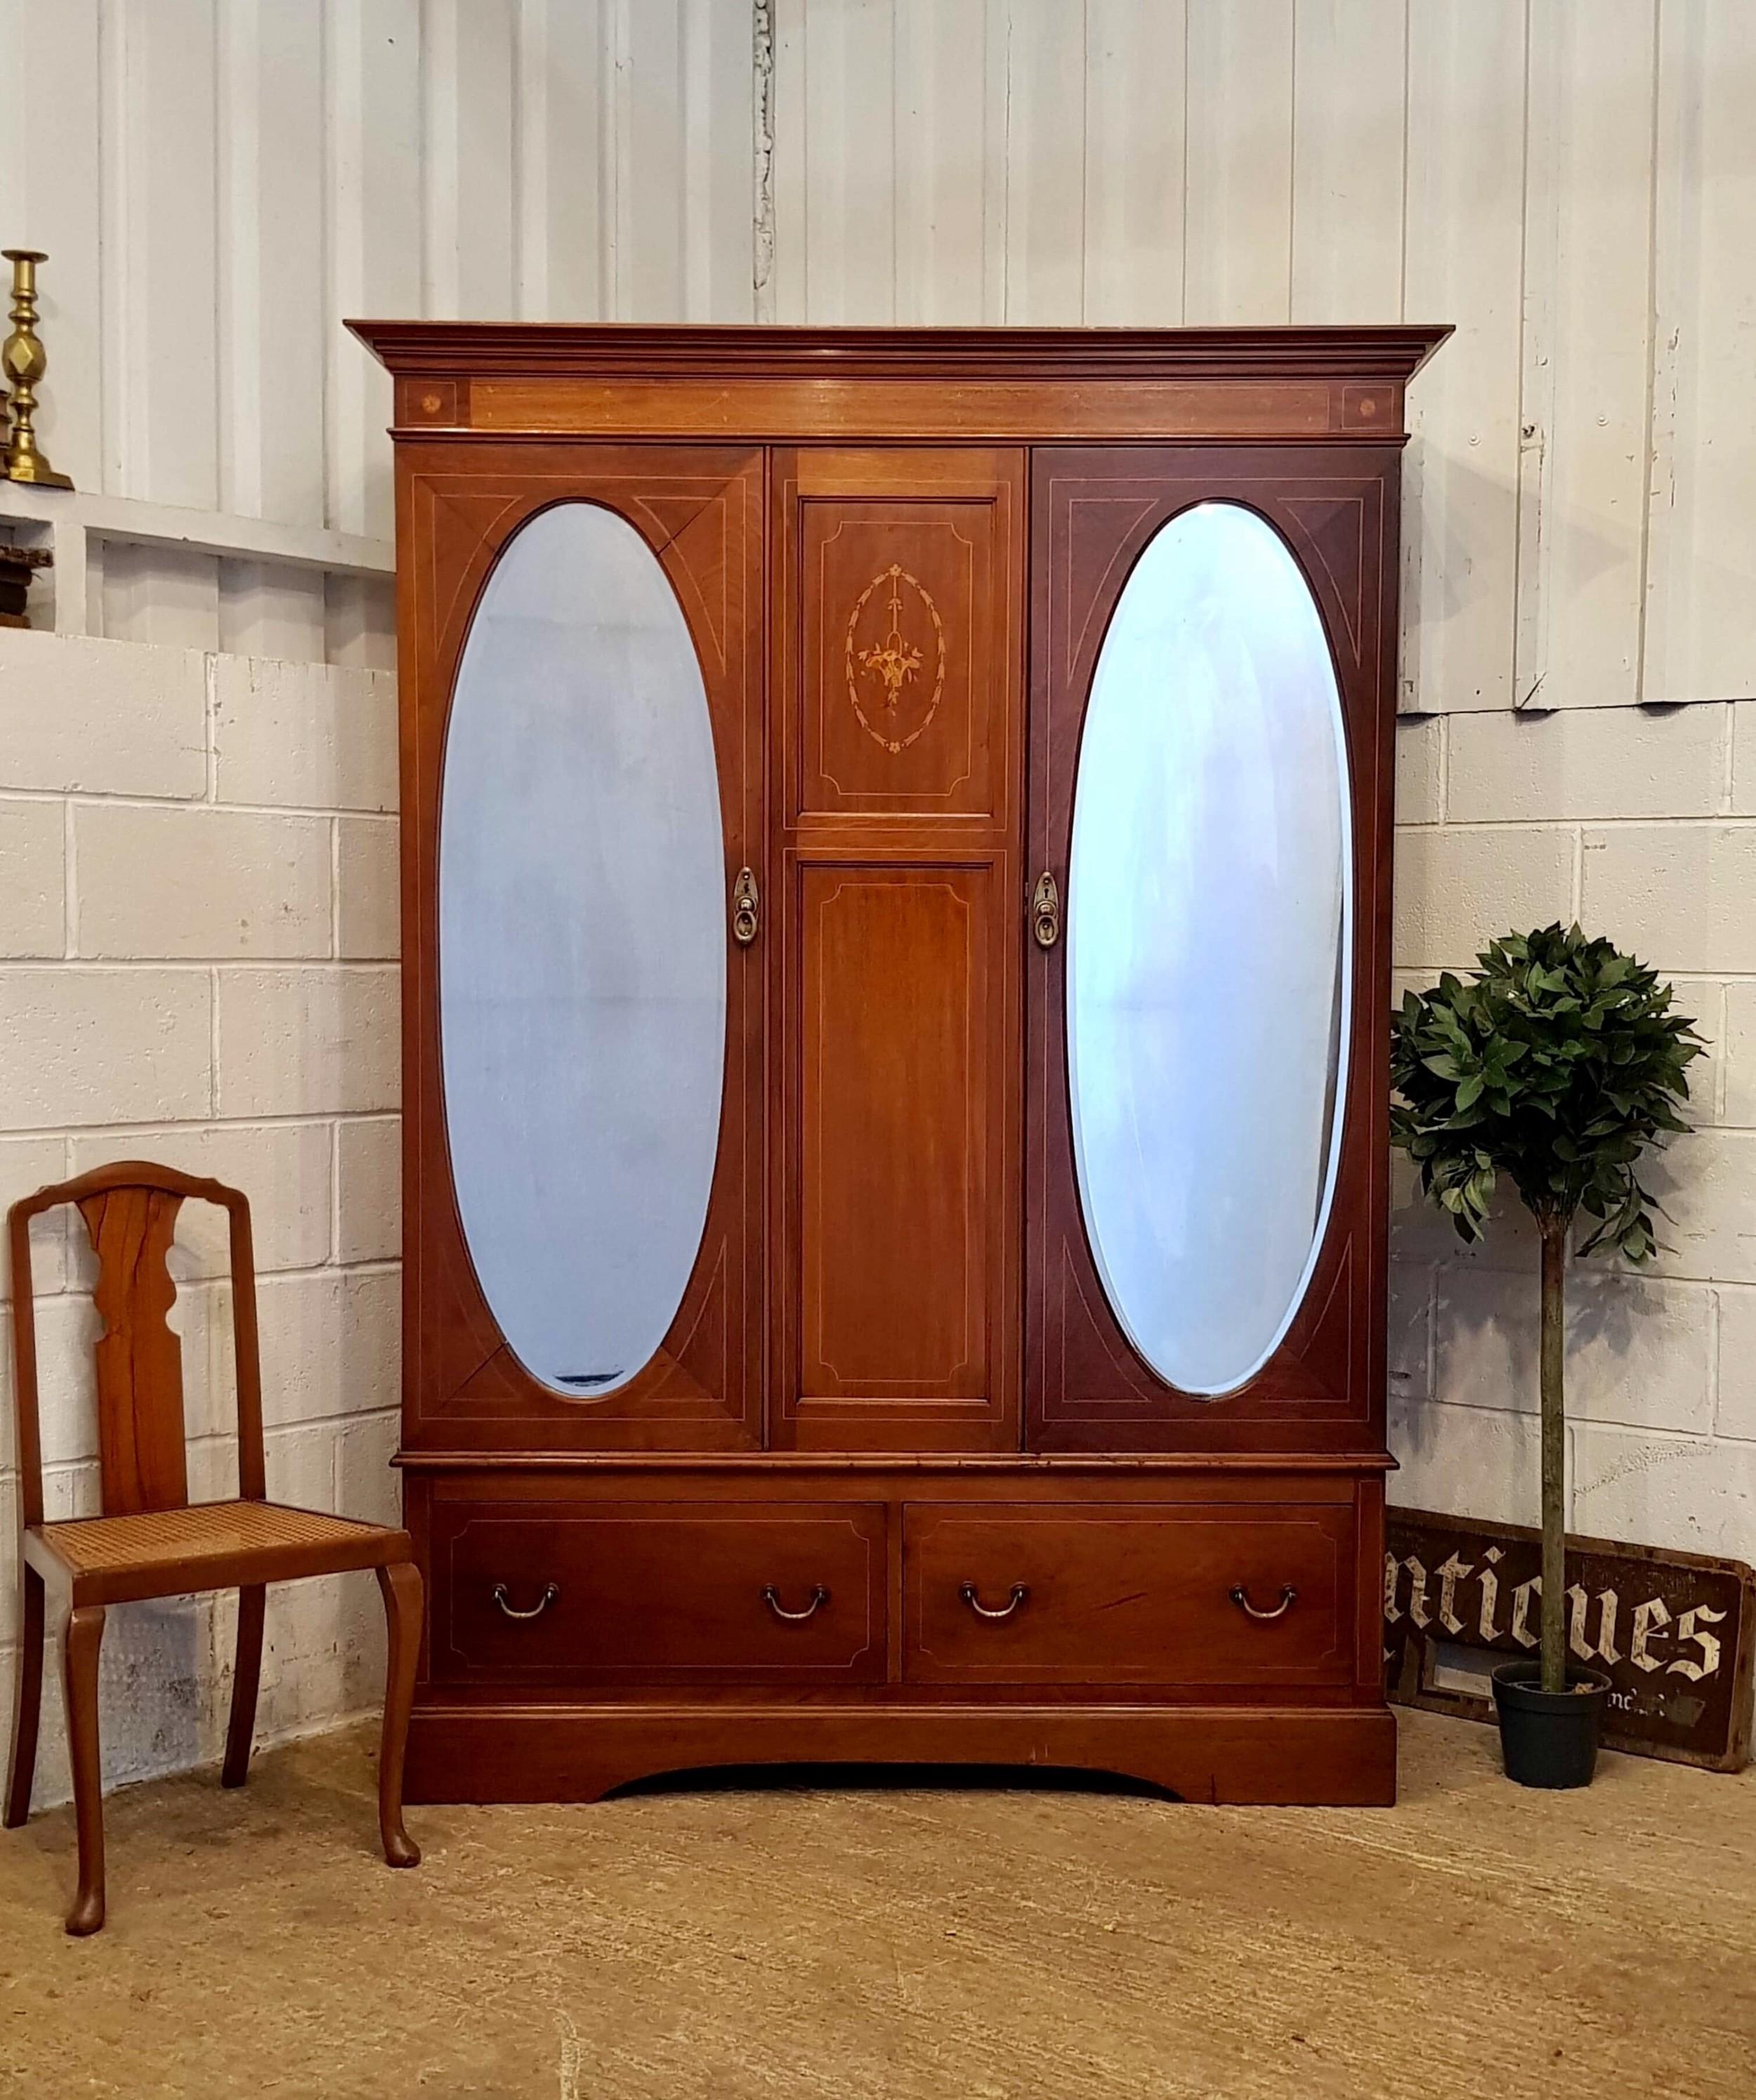 antique edwardian mahogany inlaid doubke wardrobe c1900